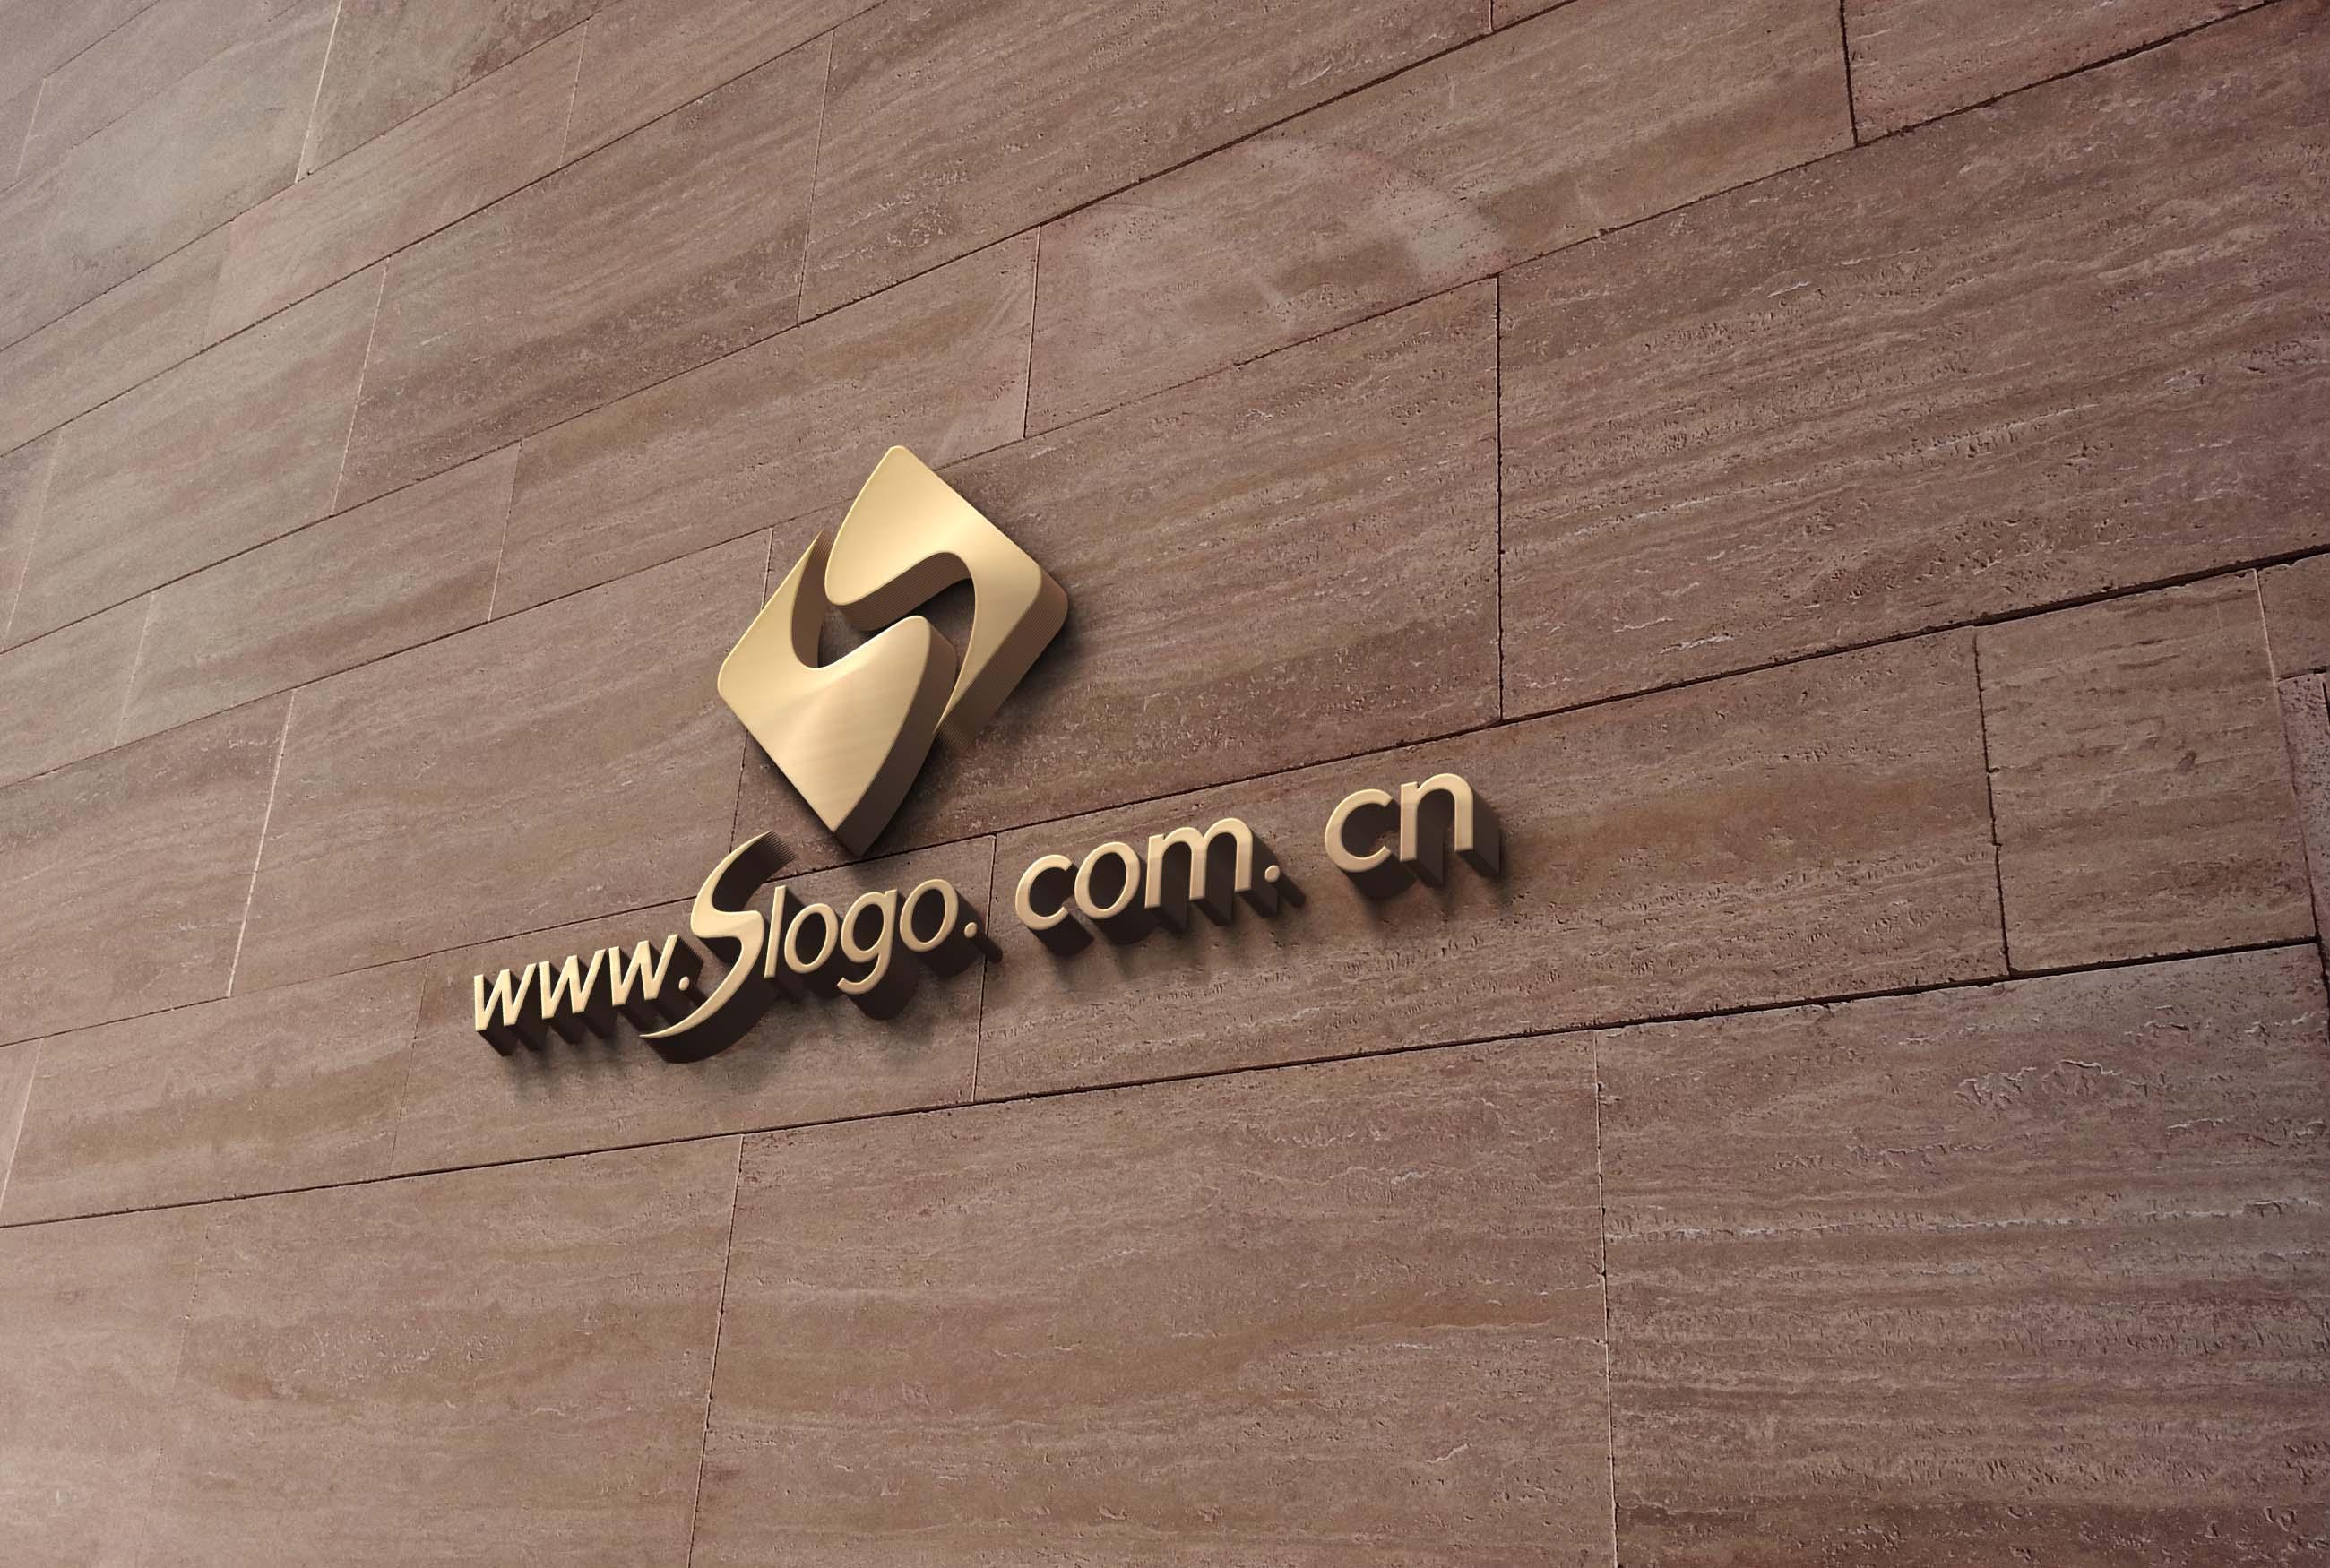 闪电logo设计_3028120_k68威客网